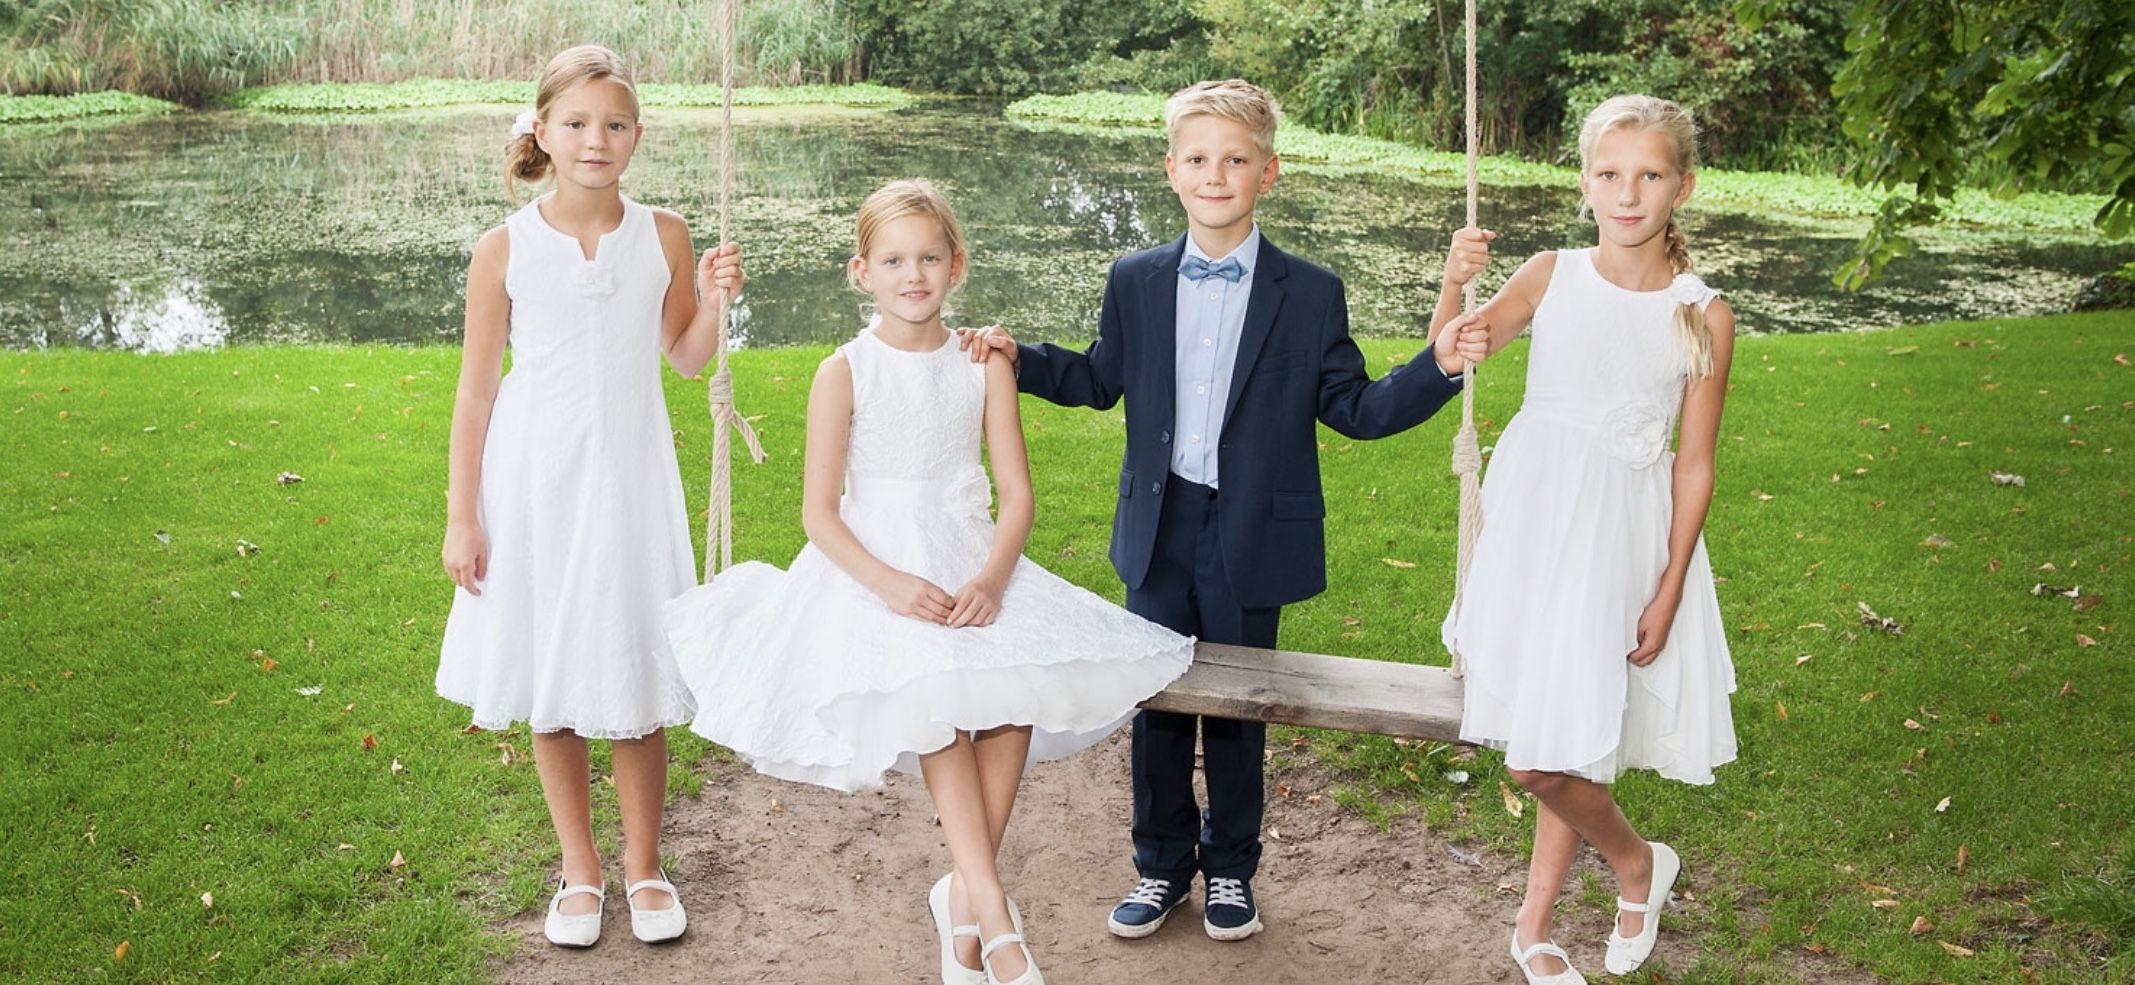 holländische kommunionkleider von monny 2019 weißröckchen